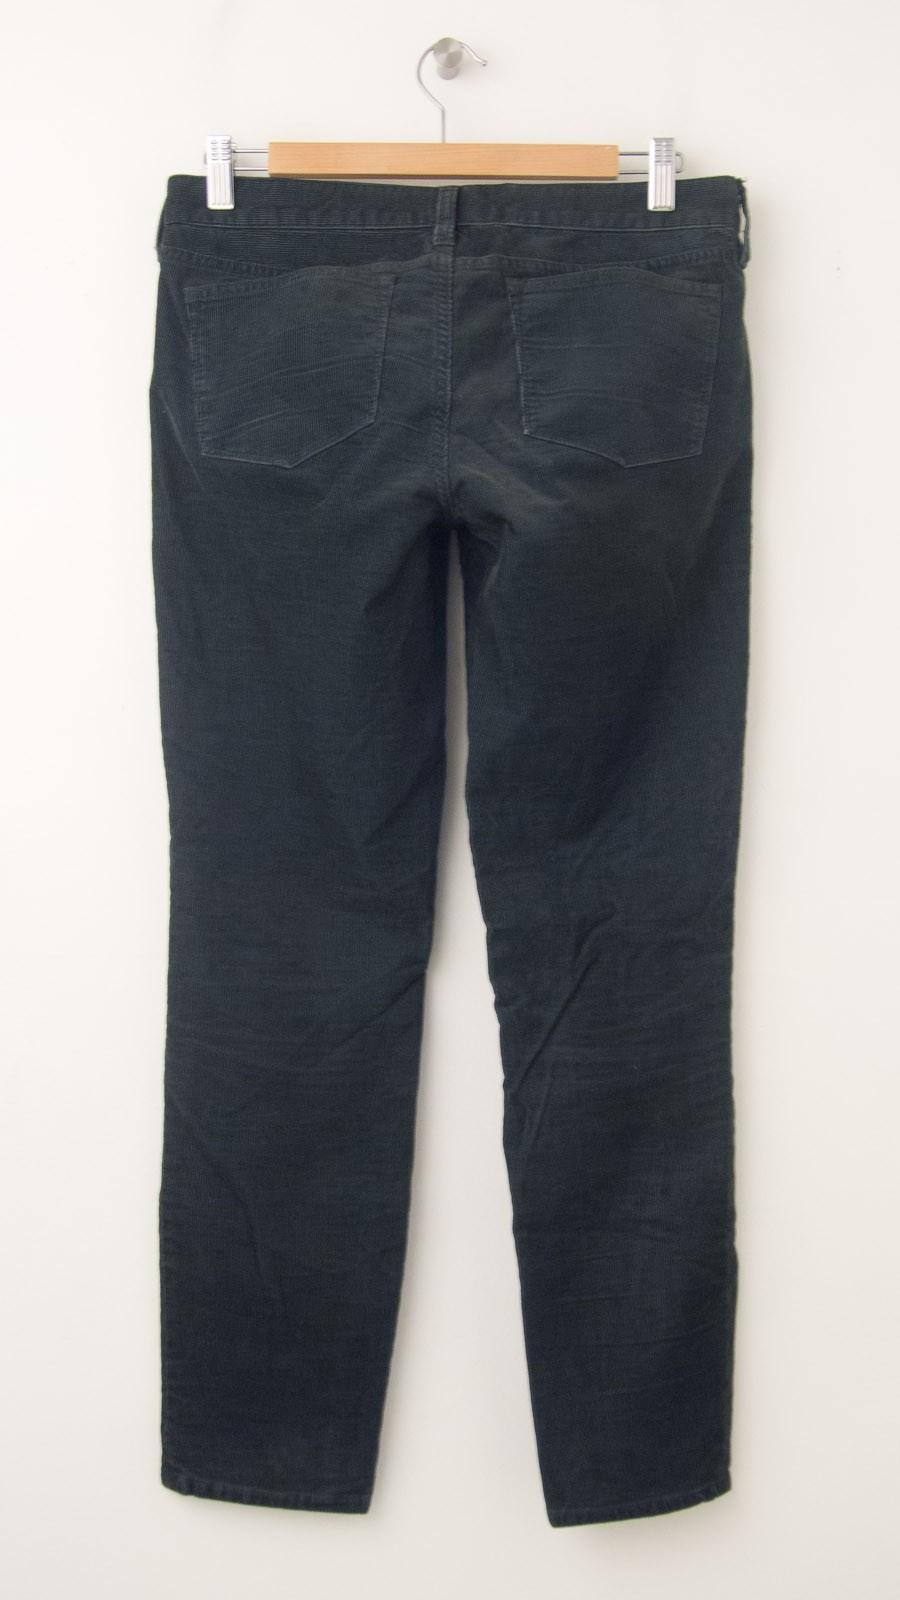 J Crew Not Specified Corduroy Pants Women S 29